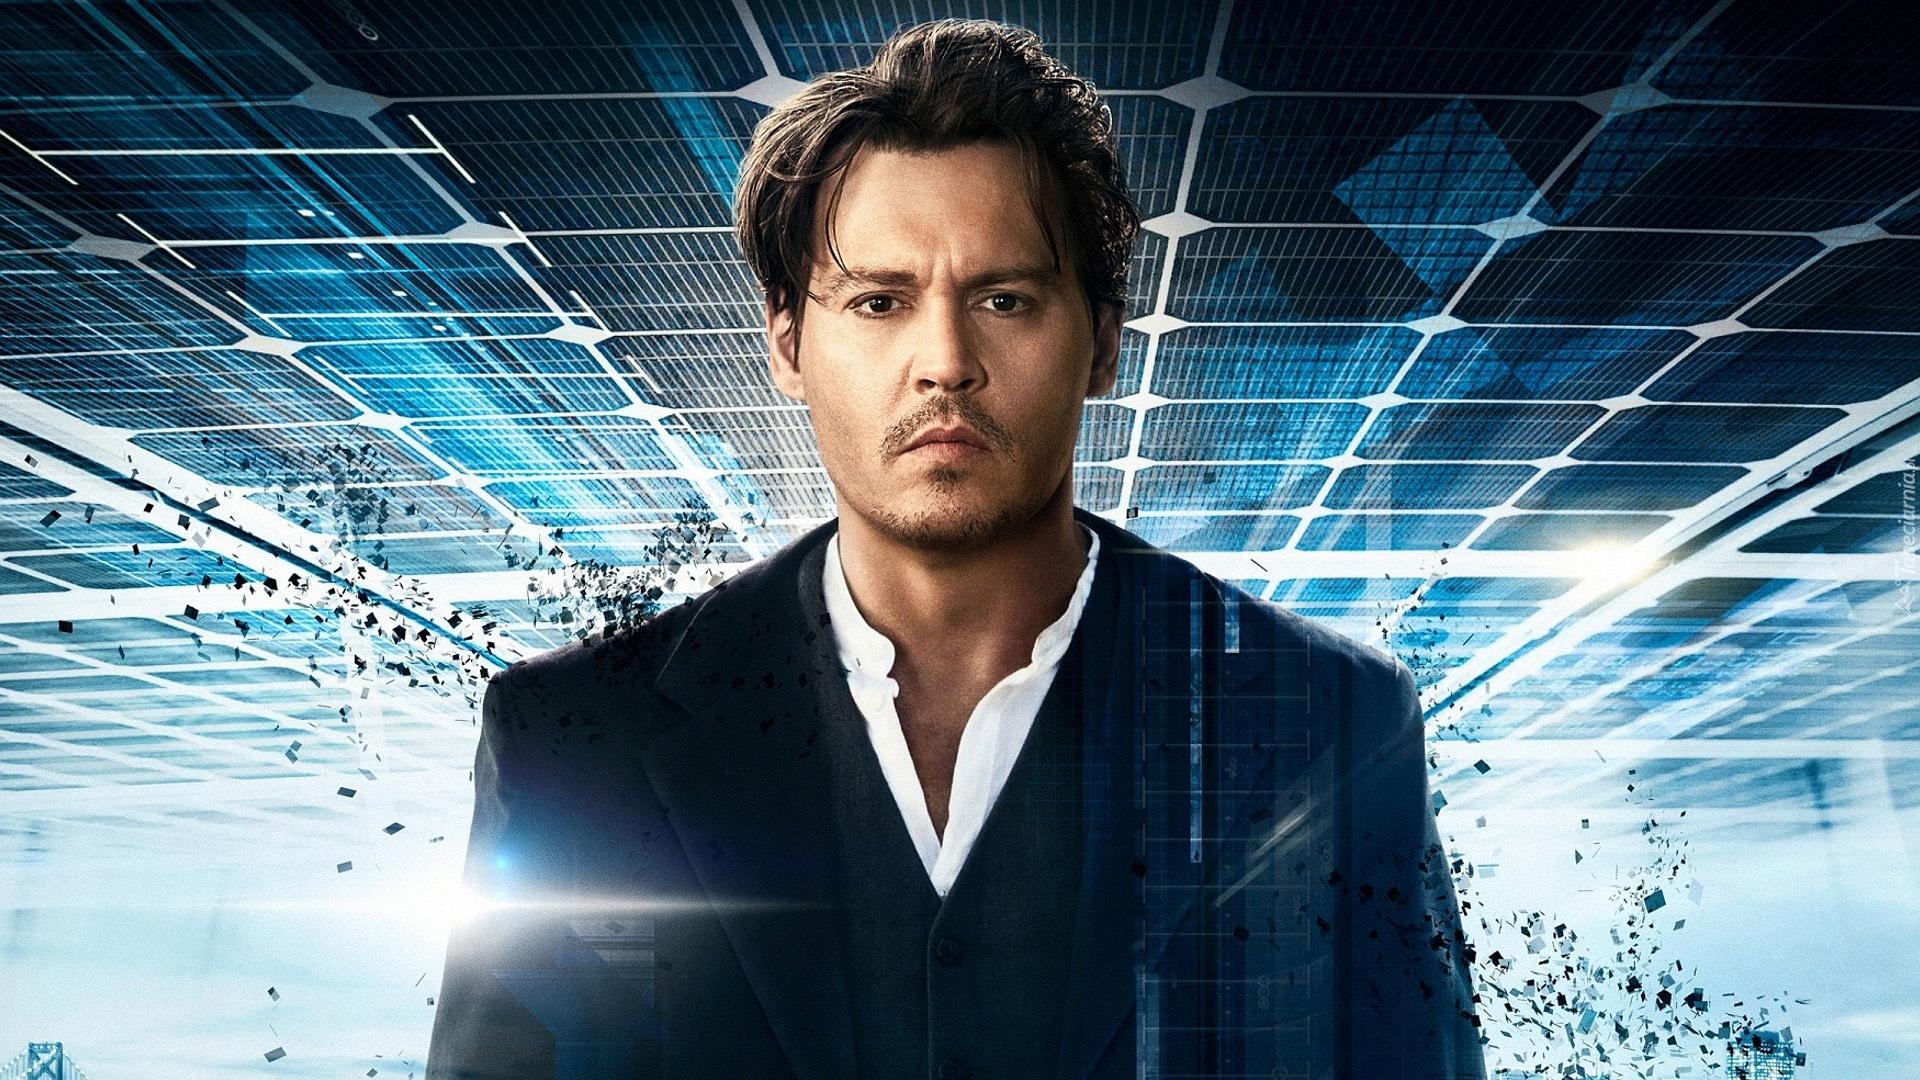 Mężczyzna, Johnny Depp, Aktor